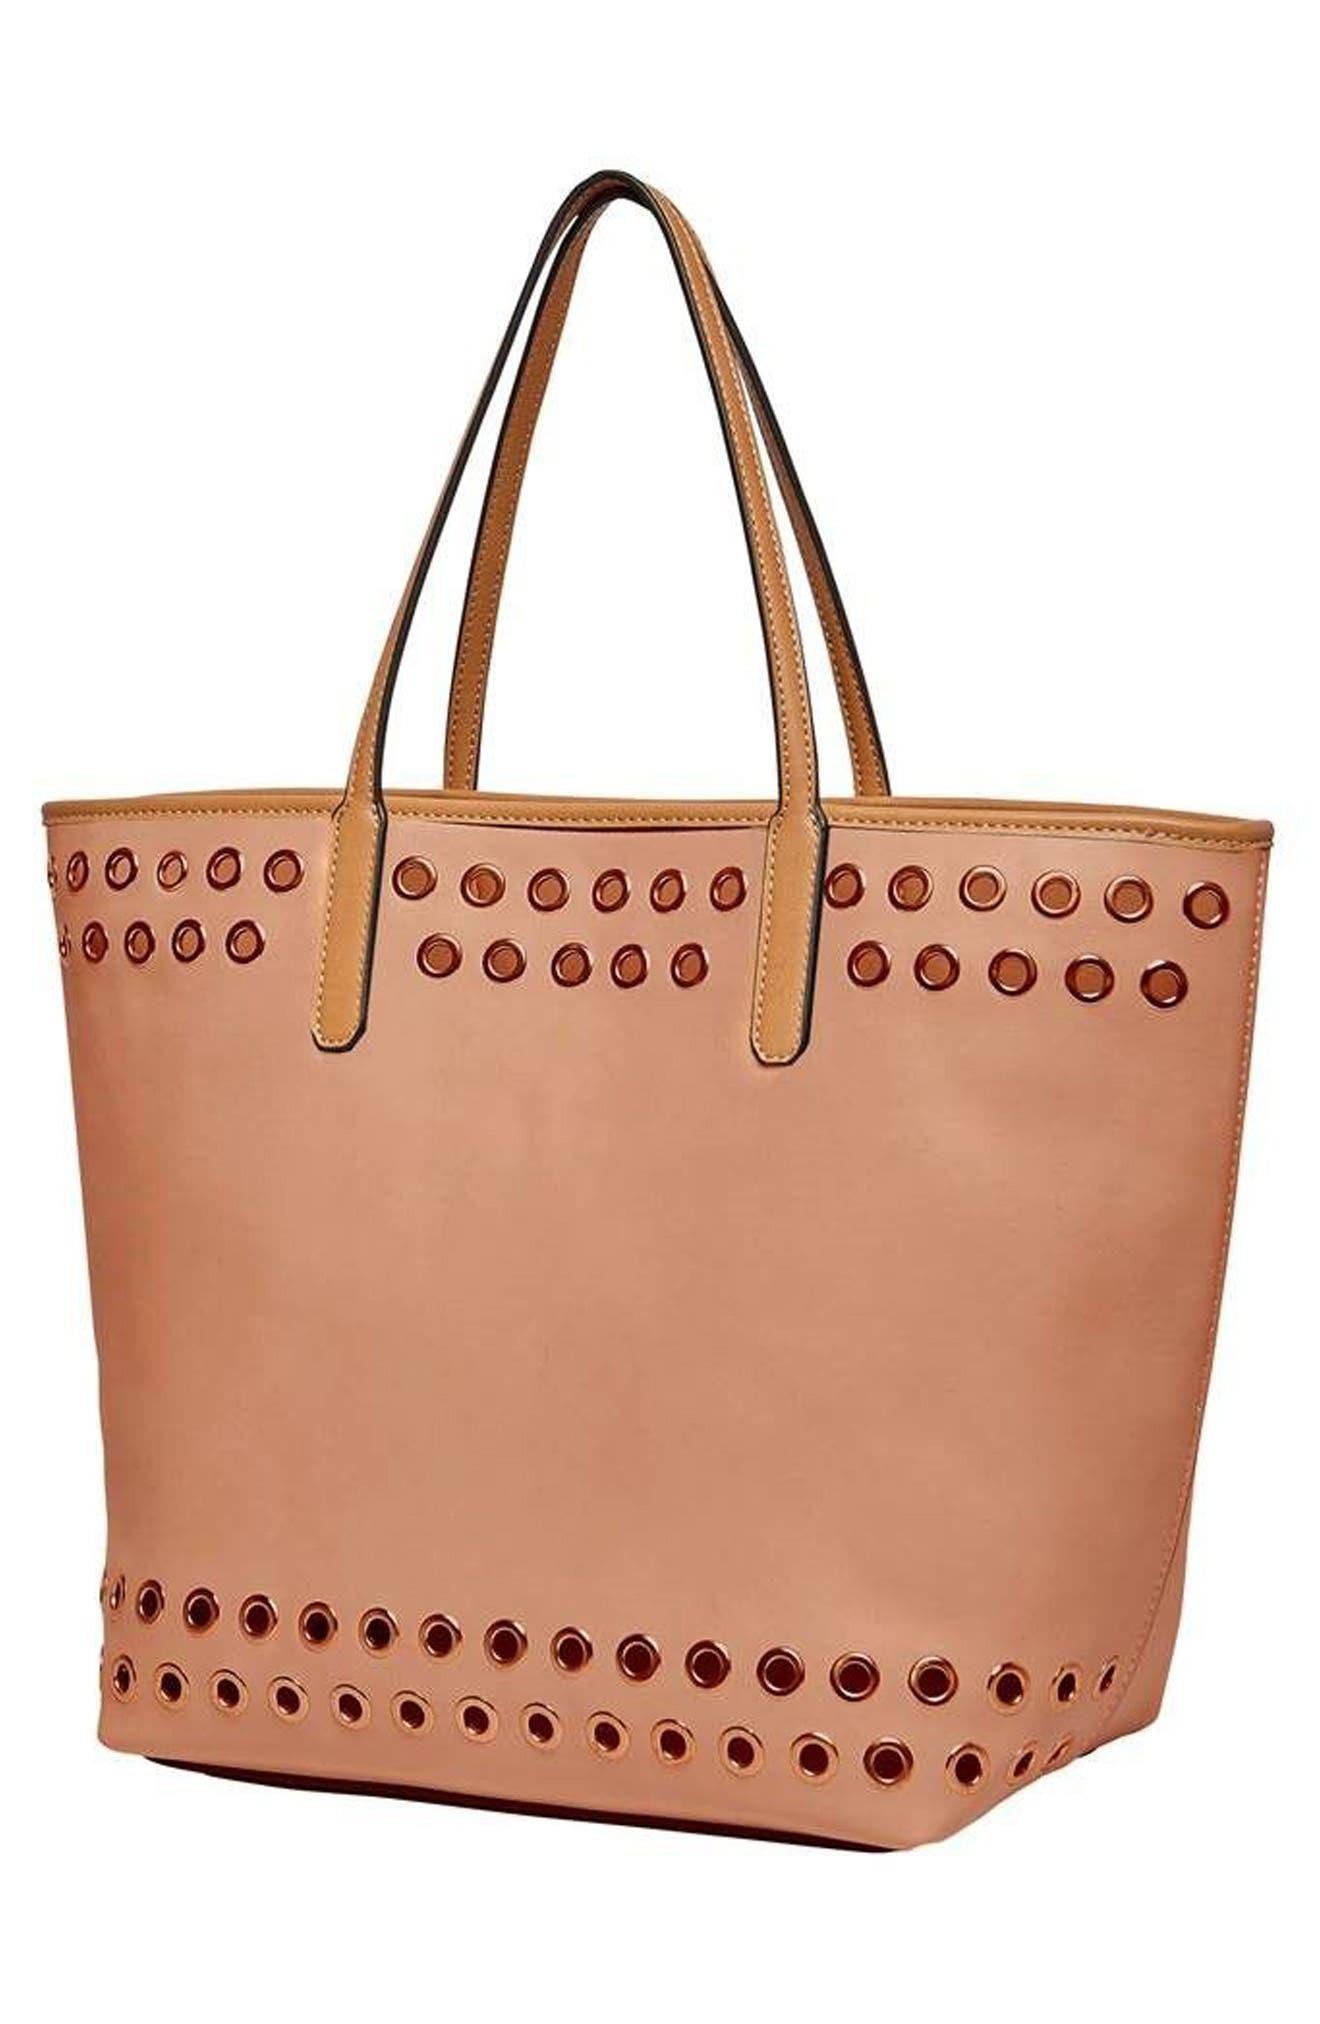 Wonderland Vegan Leather Tote & Shoulder Bag,                             Alternate thumbnail 3, color,                             Blush